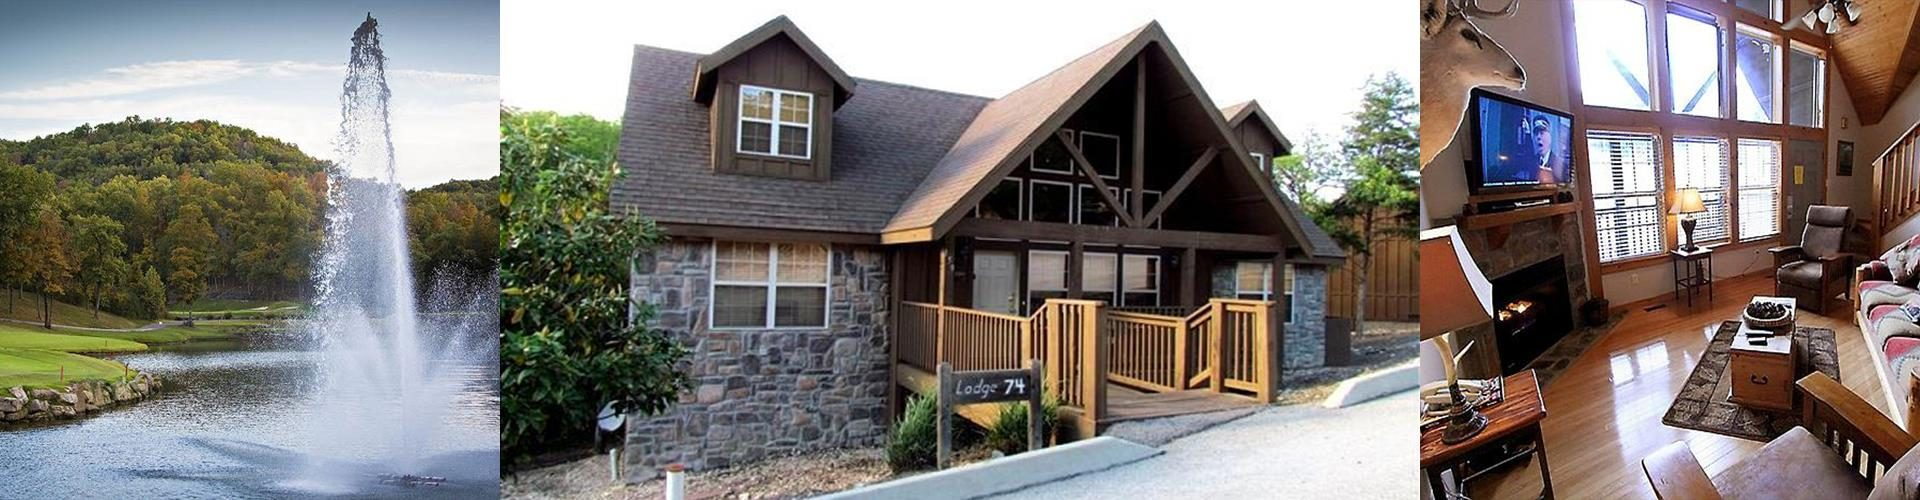 Quiet creek cabin 4 bedroom cabin at stonebridge branson for 7 bedroom cabins in branson mo